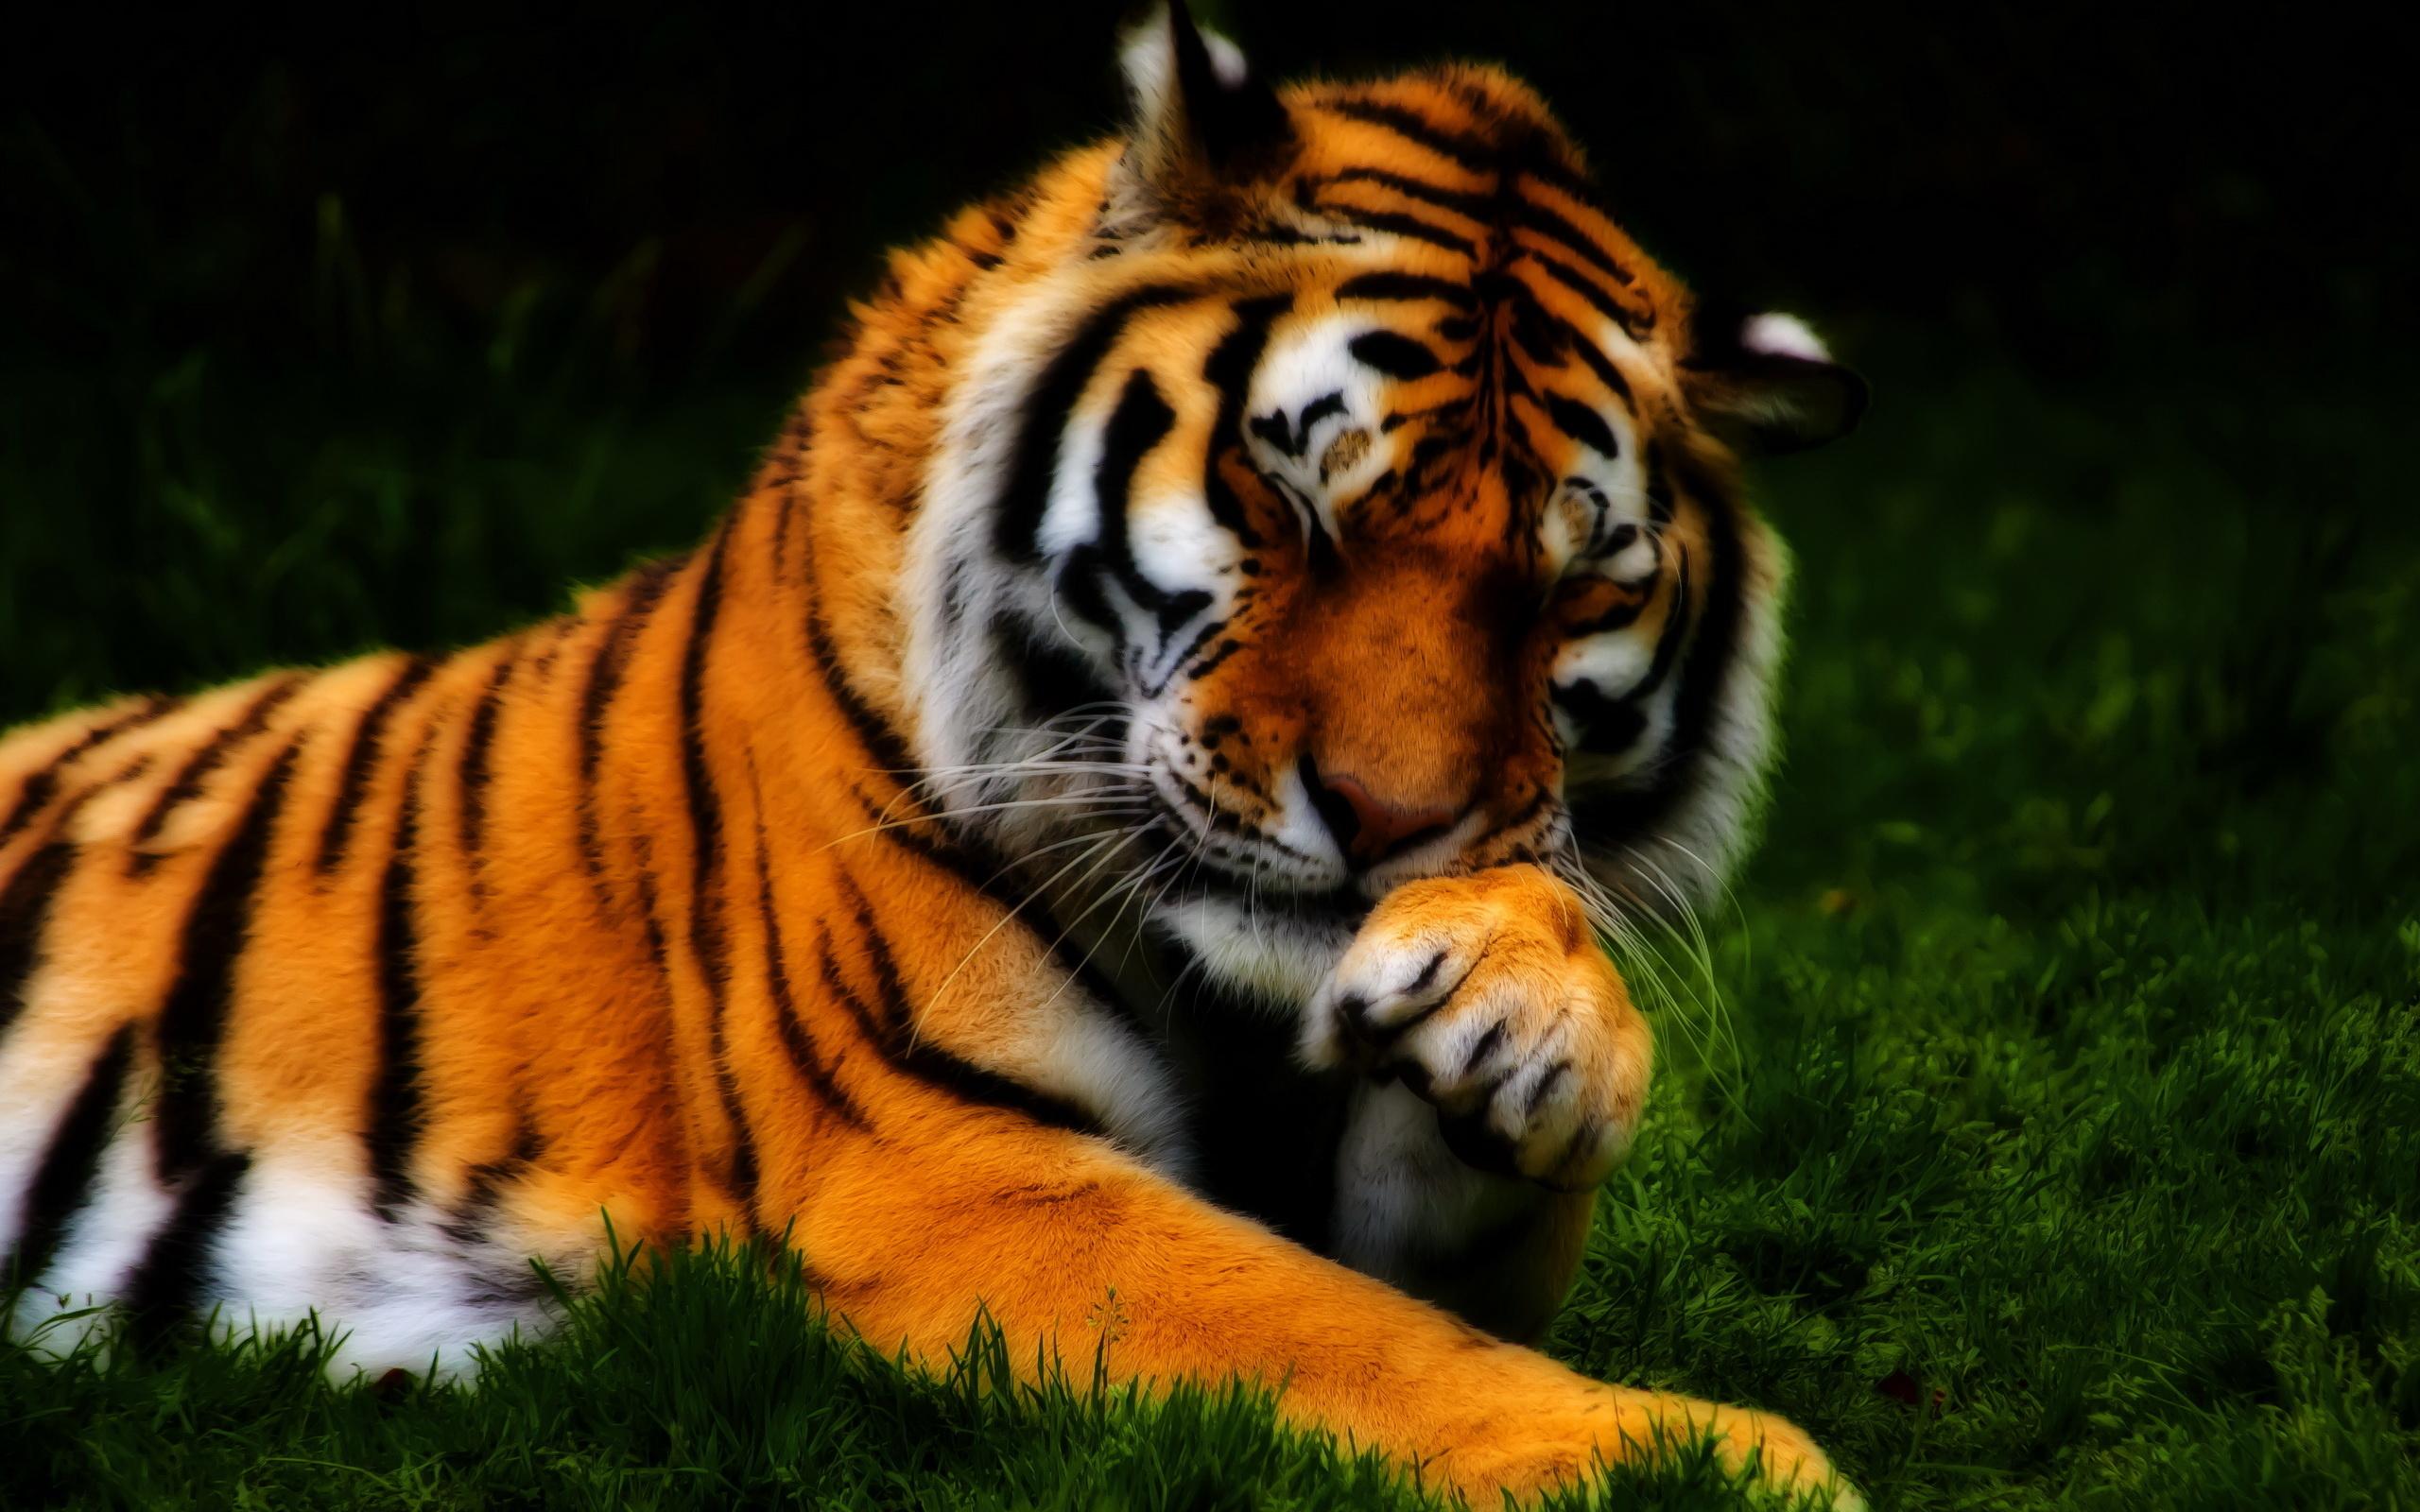 Cool Tiger Wallpapers - WallpaperSafari